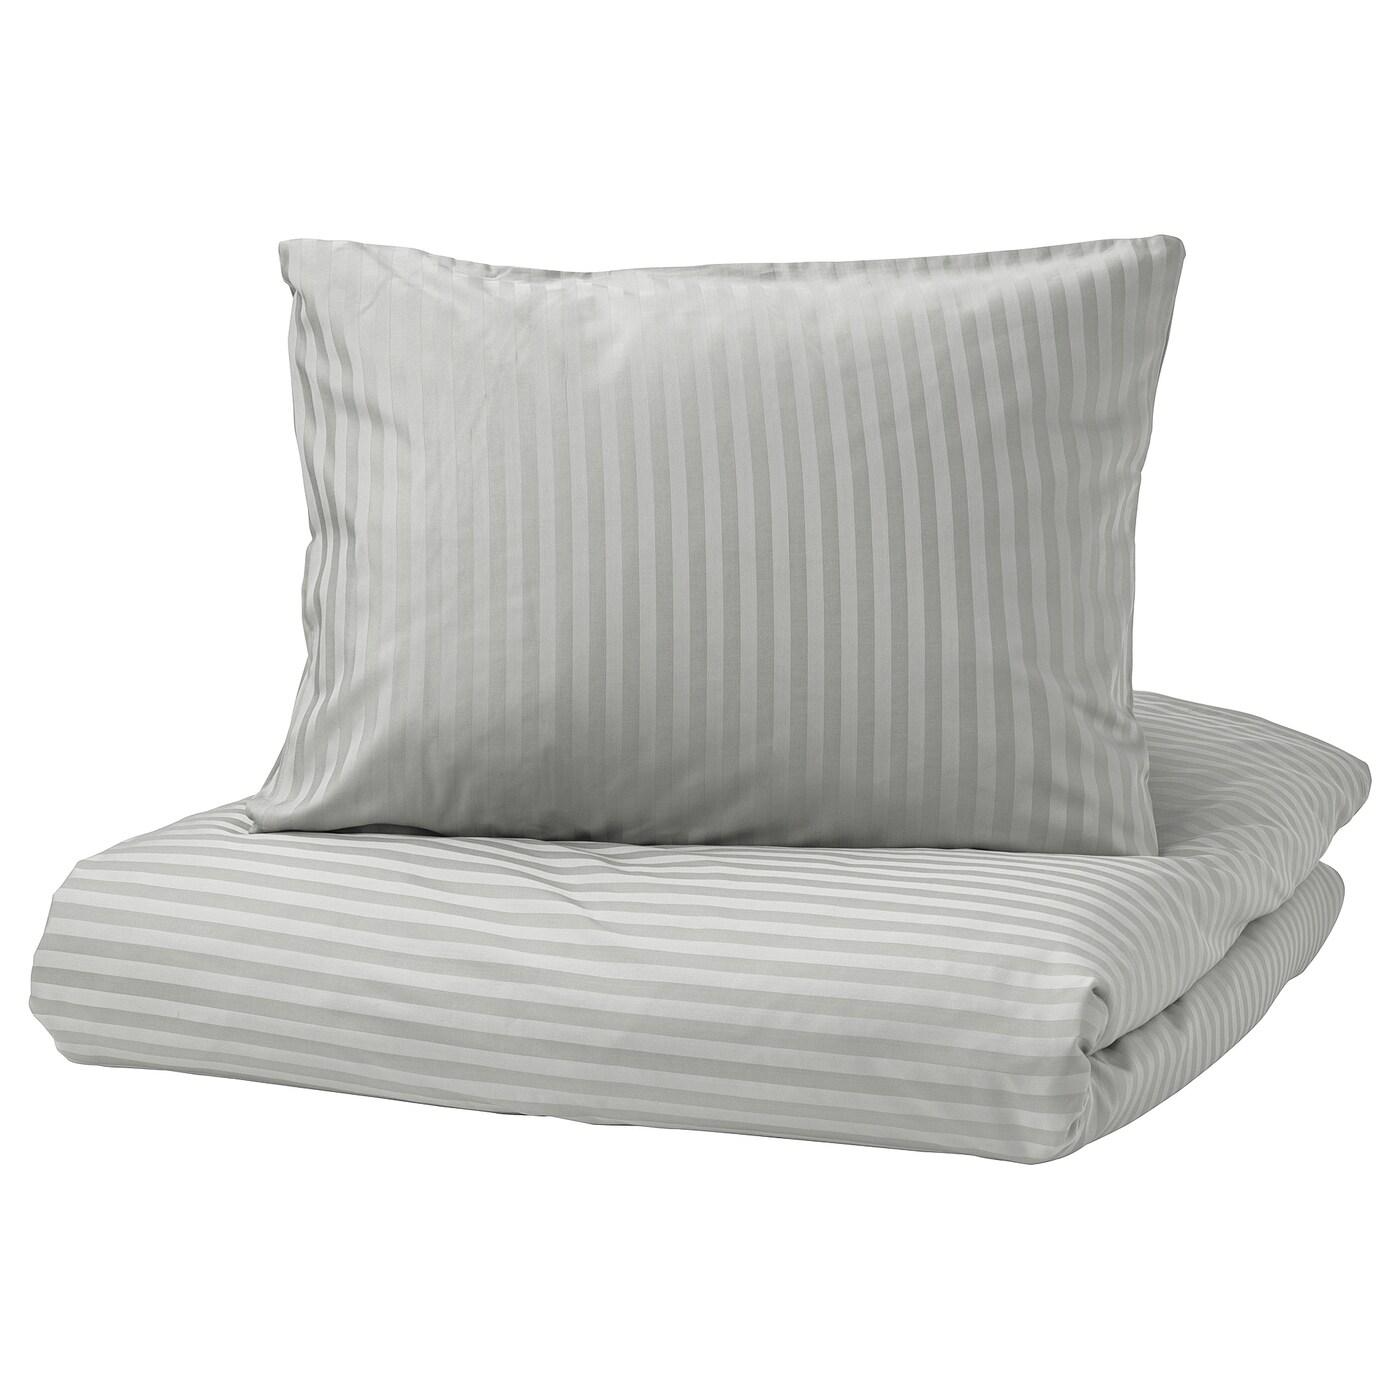 Housse de couette taies ikea - Ikea linge de lit 2 personnes ...